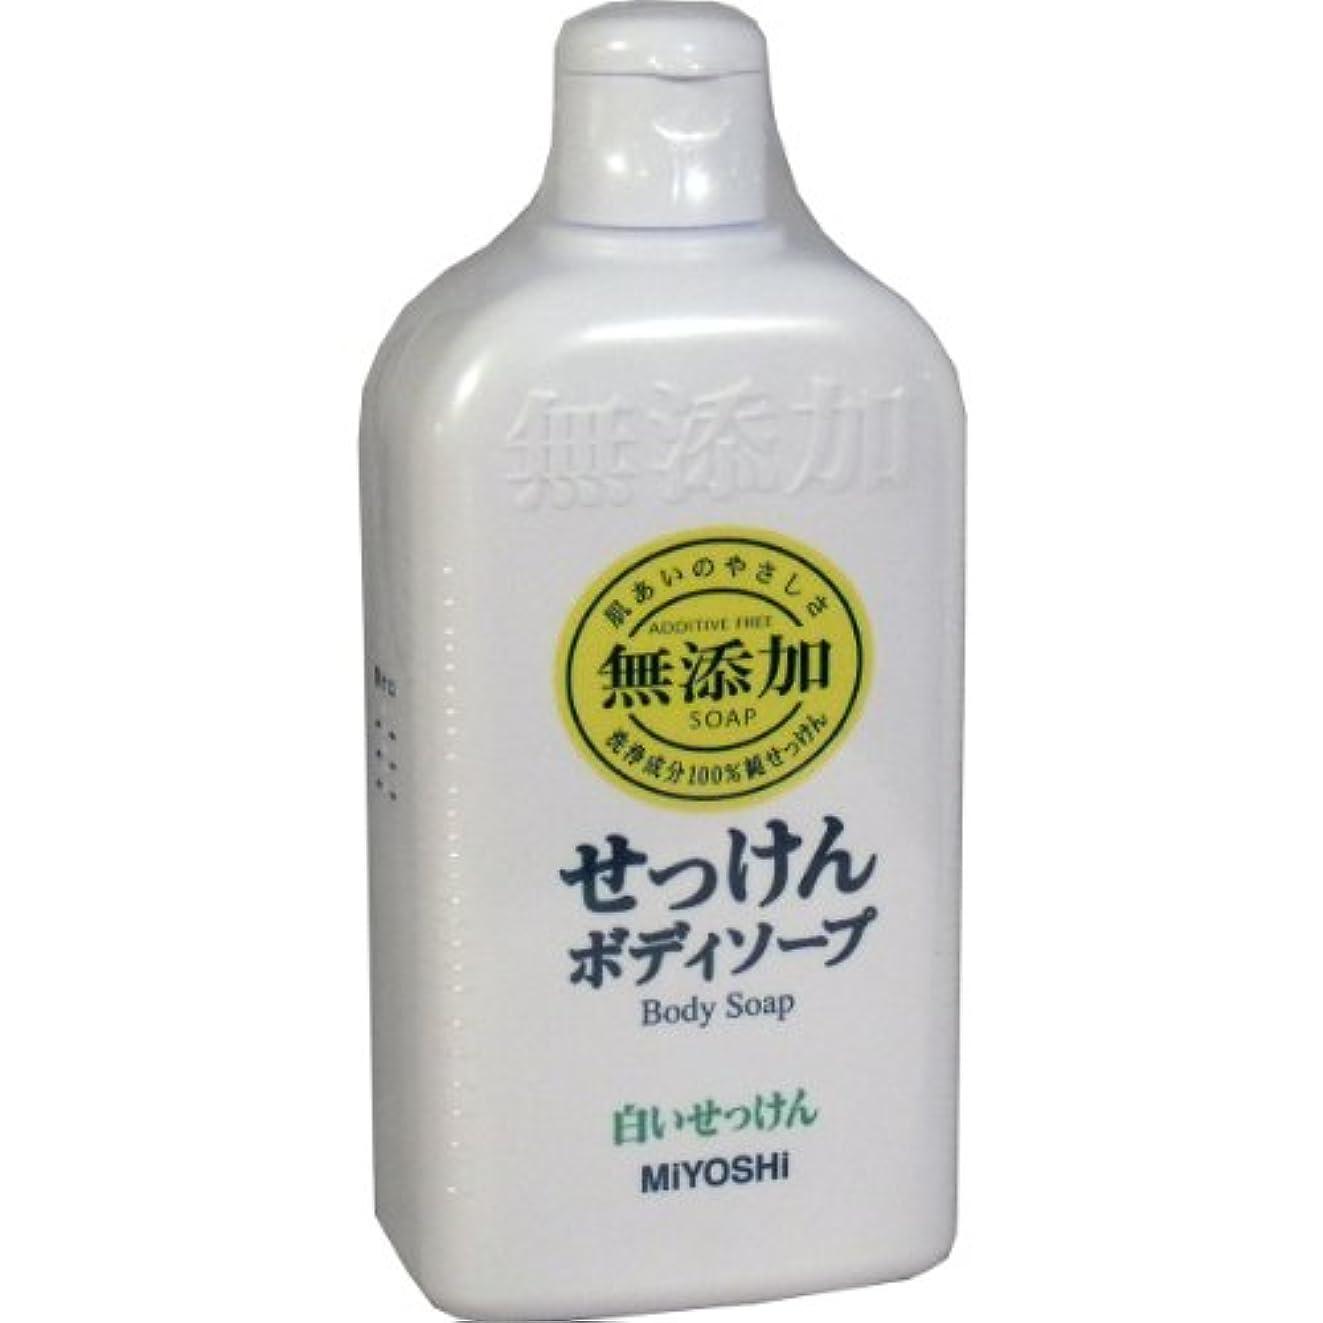 メタン女優約束する無添加 ボディーソープ 白いせっけん × 10個セット